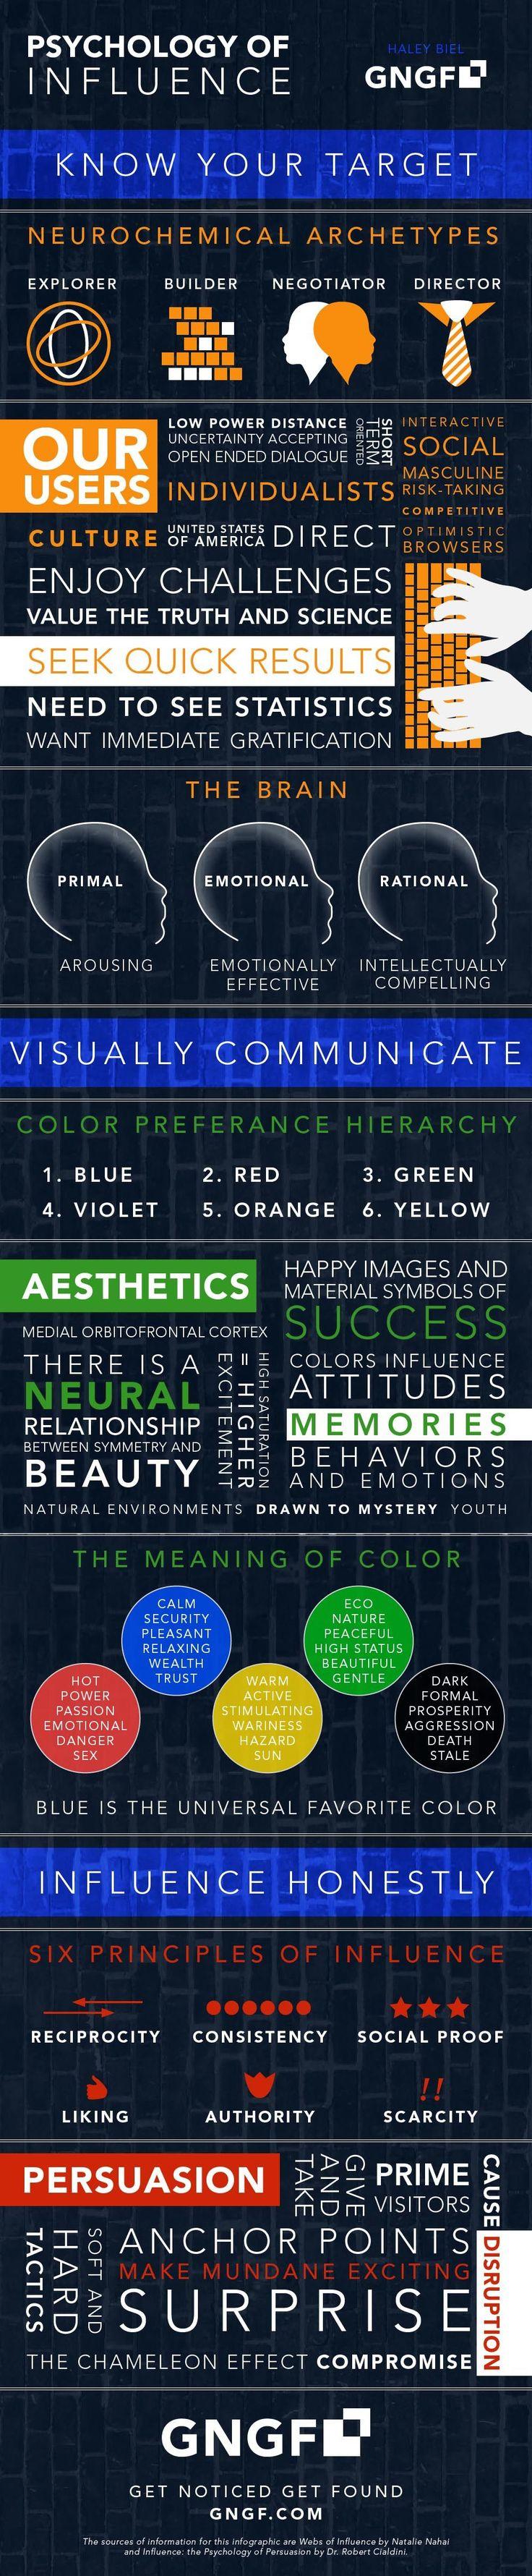 Psychology of Influence #OnlineInfluence Also on: http://www.ronsela.com/influencer-infographics/ Confira as nossas recomendações!